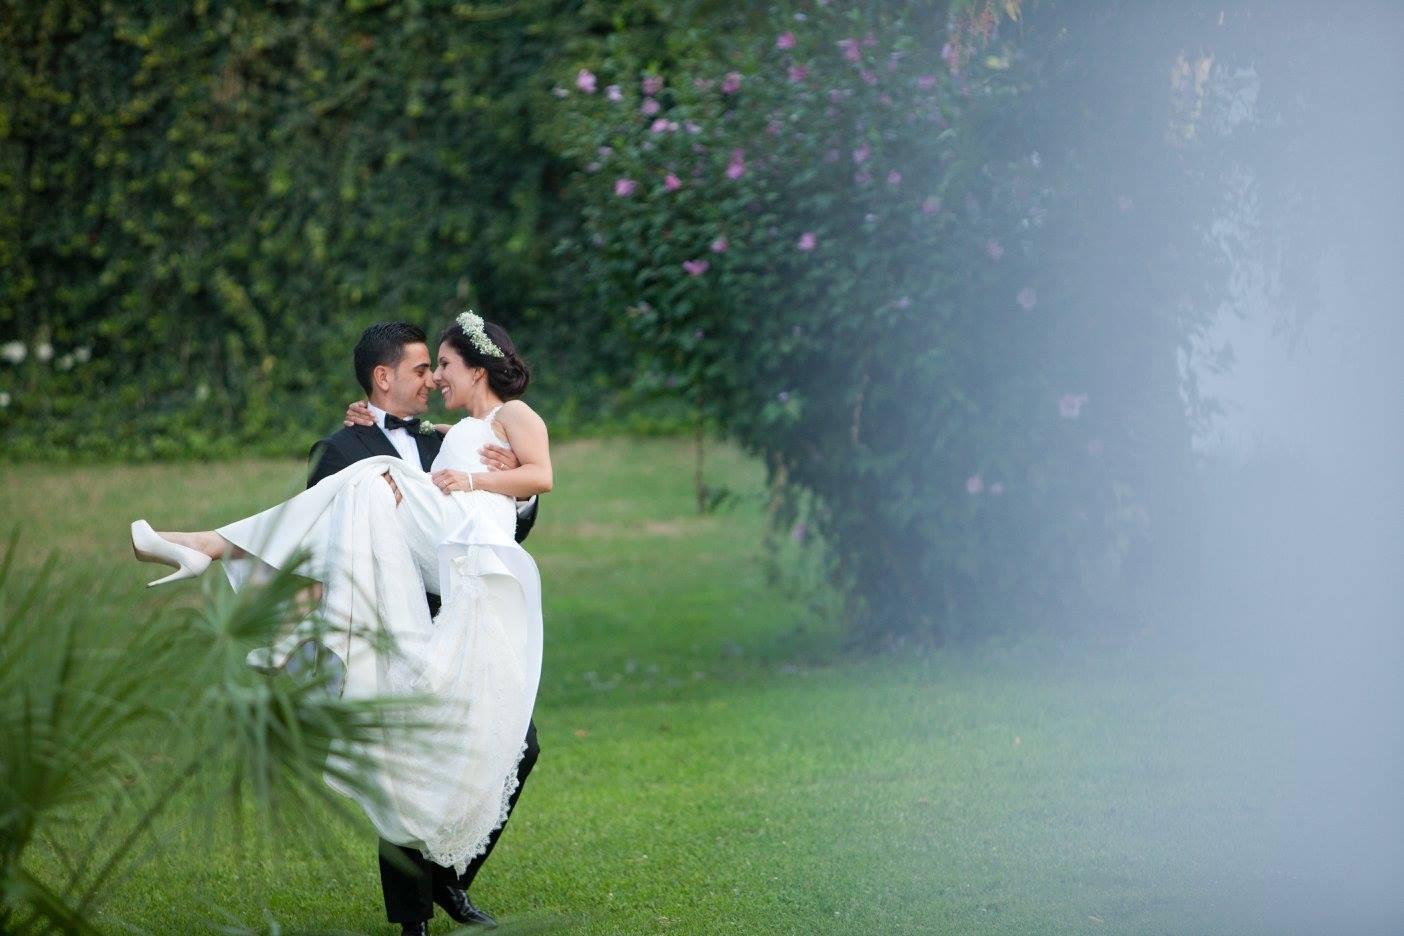 Uno sposo che porta in braccio una sposa in un giardino